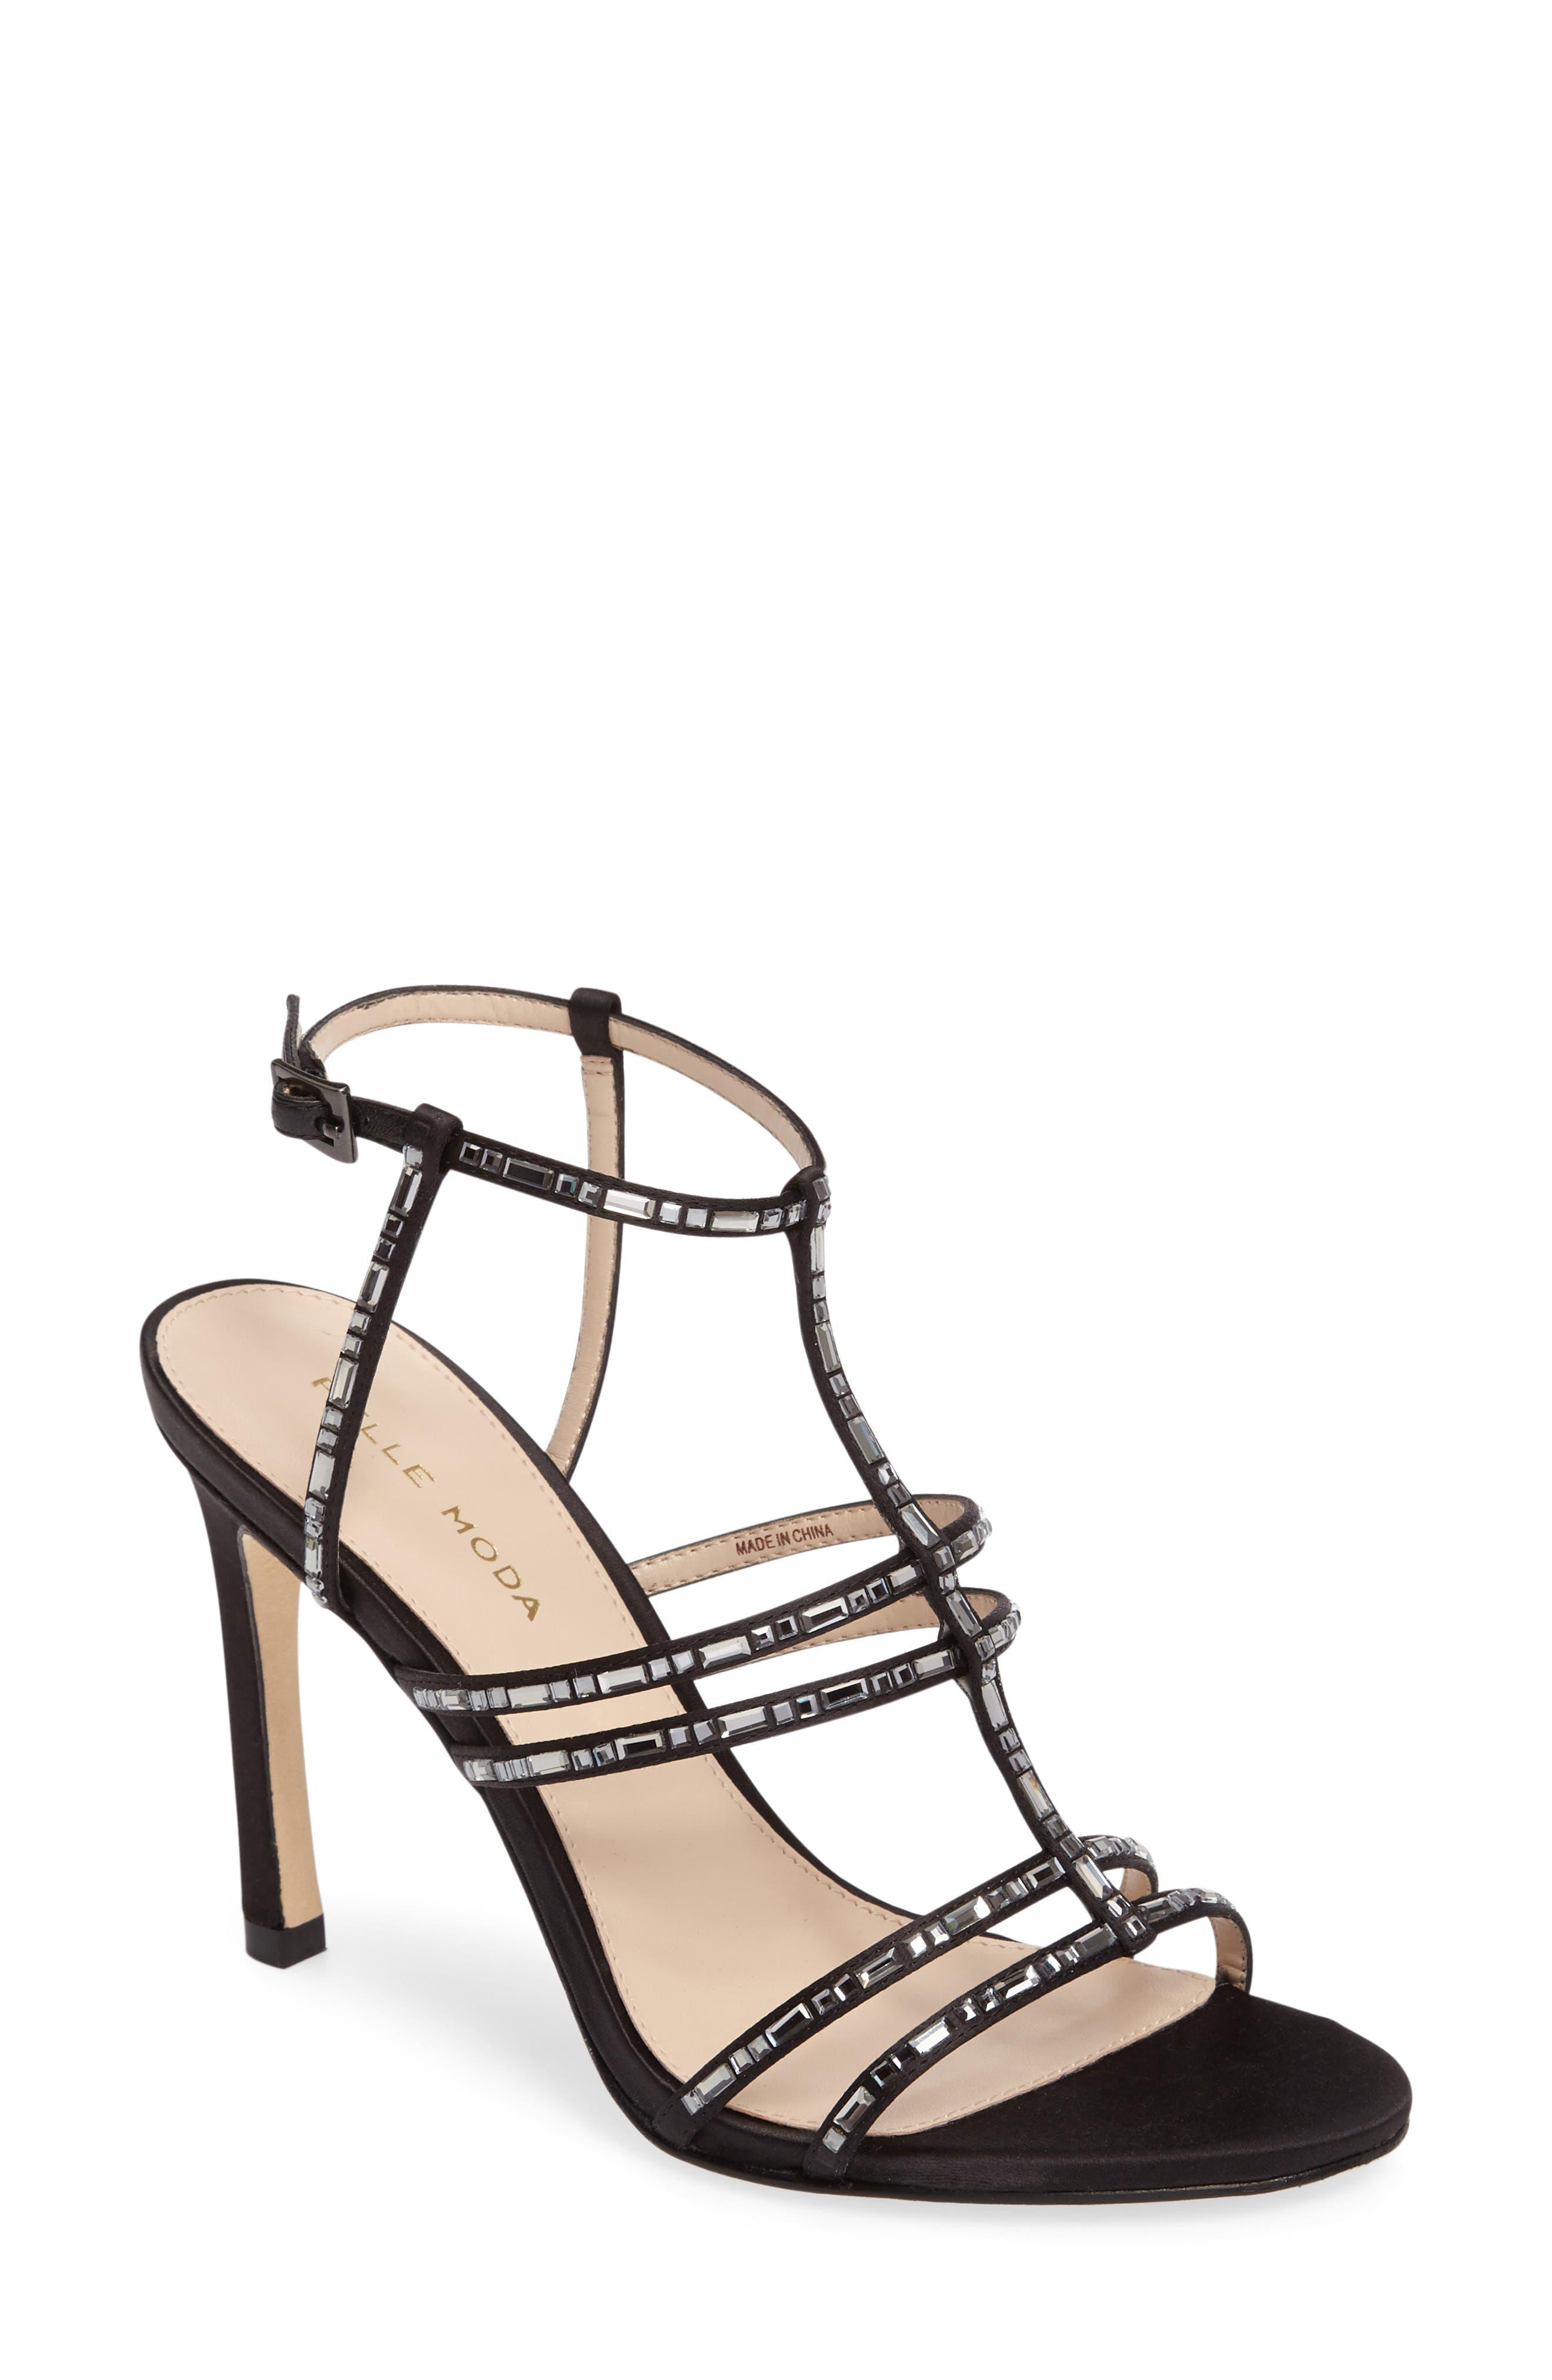 Essey 2 Sandal,                         Main,                         color, 001